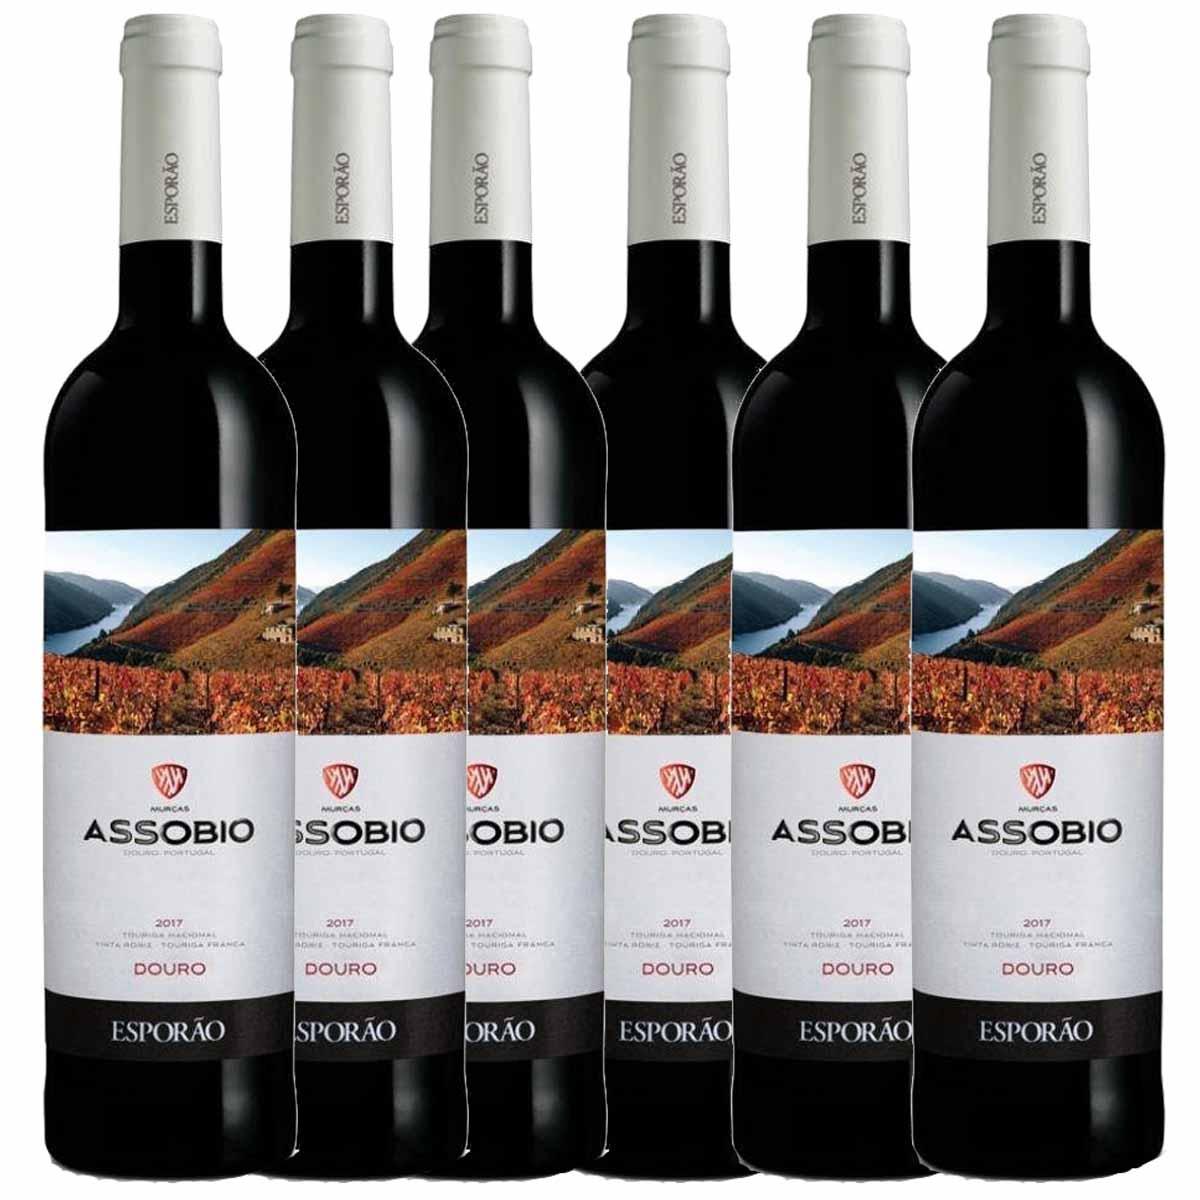 Kit 6x Vinho Tinto Português Esporão Assobio Douro 2019